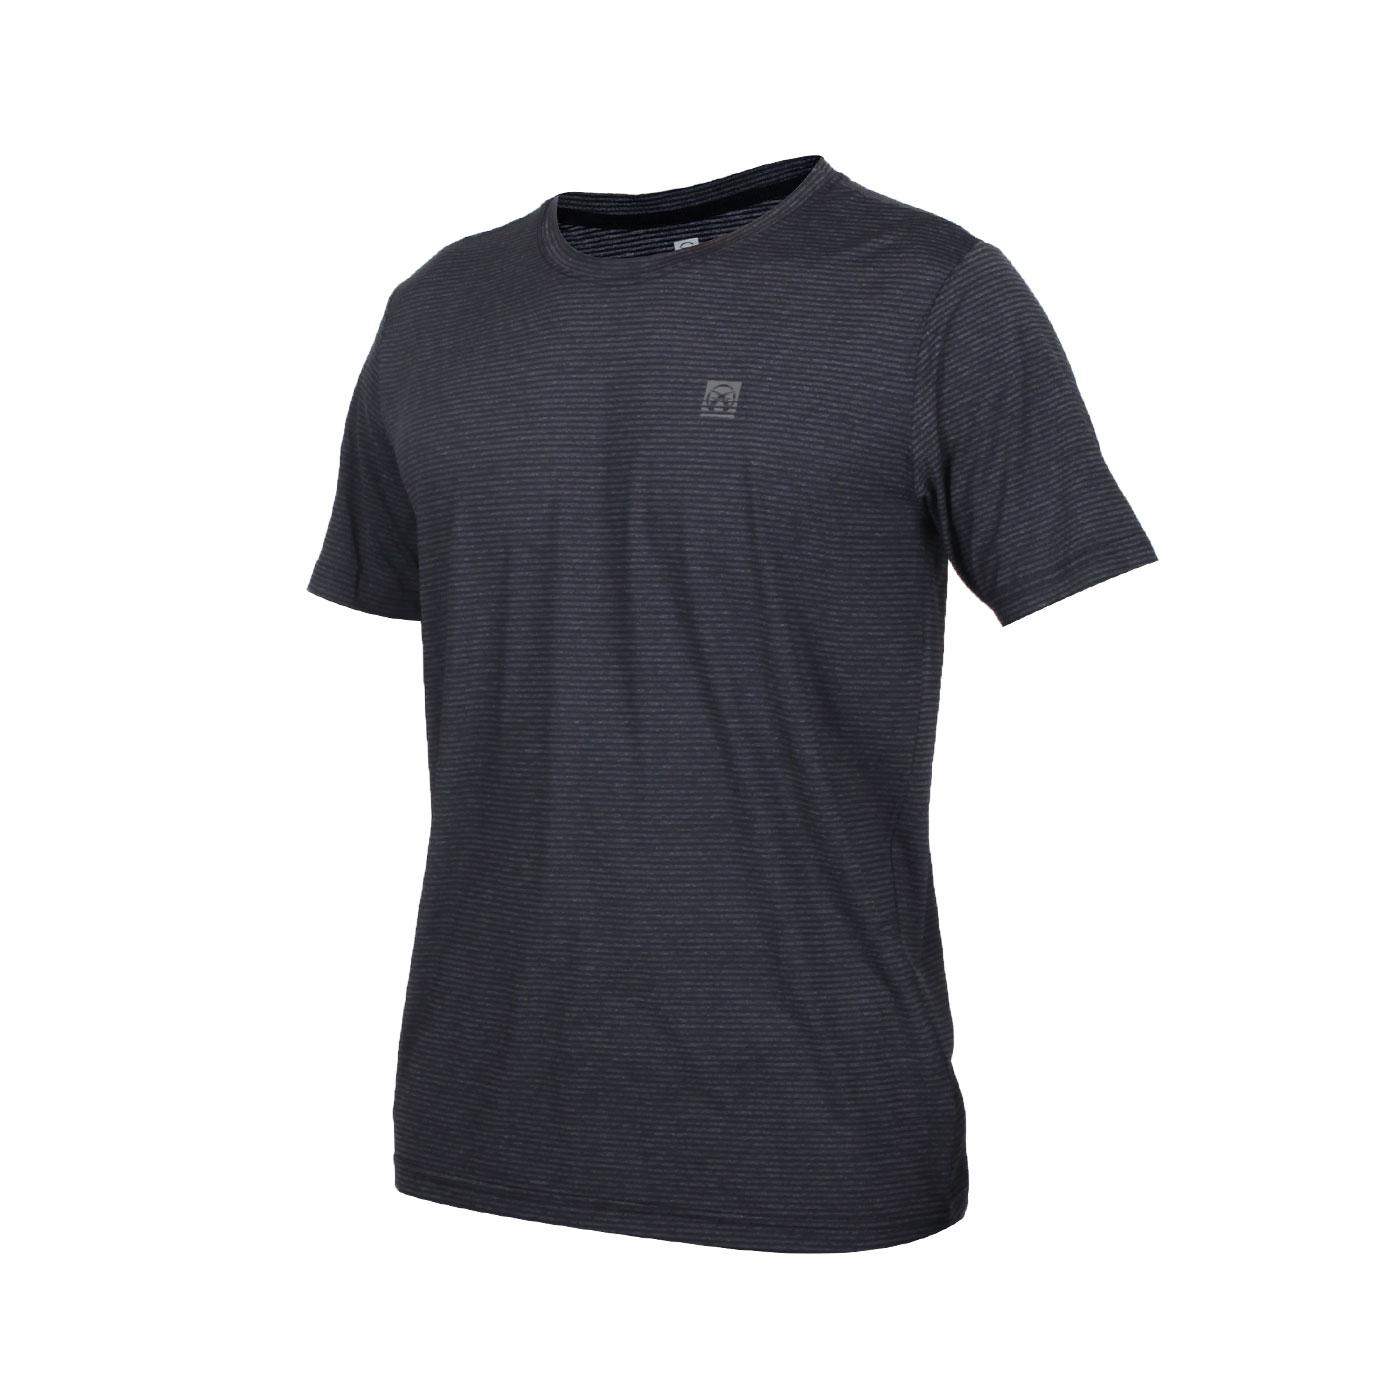 FIRESTAR 男款彈性圓領短袖T恤 D0530-18 - 條紋黑灰